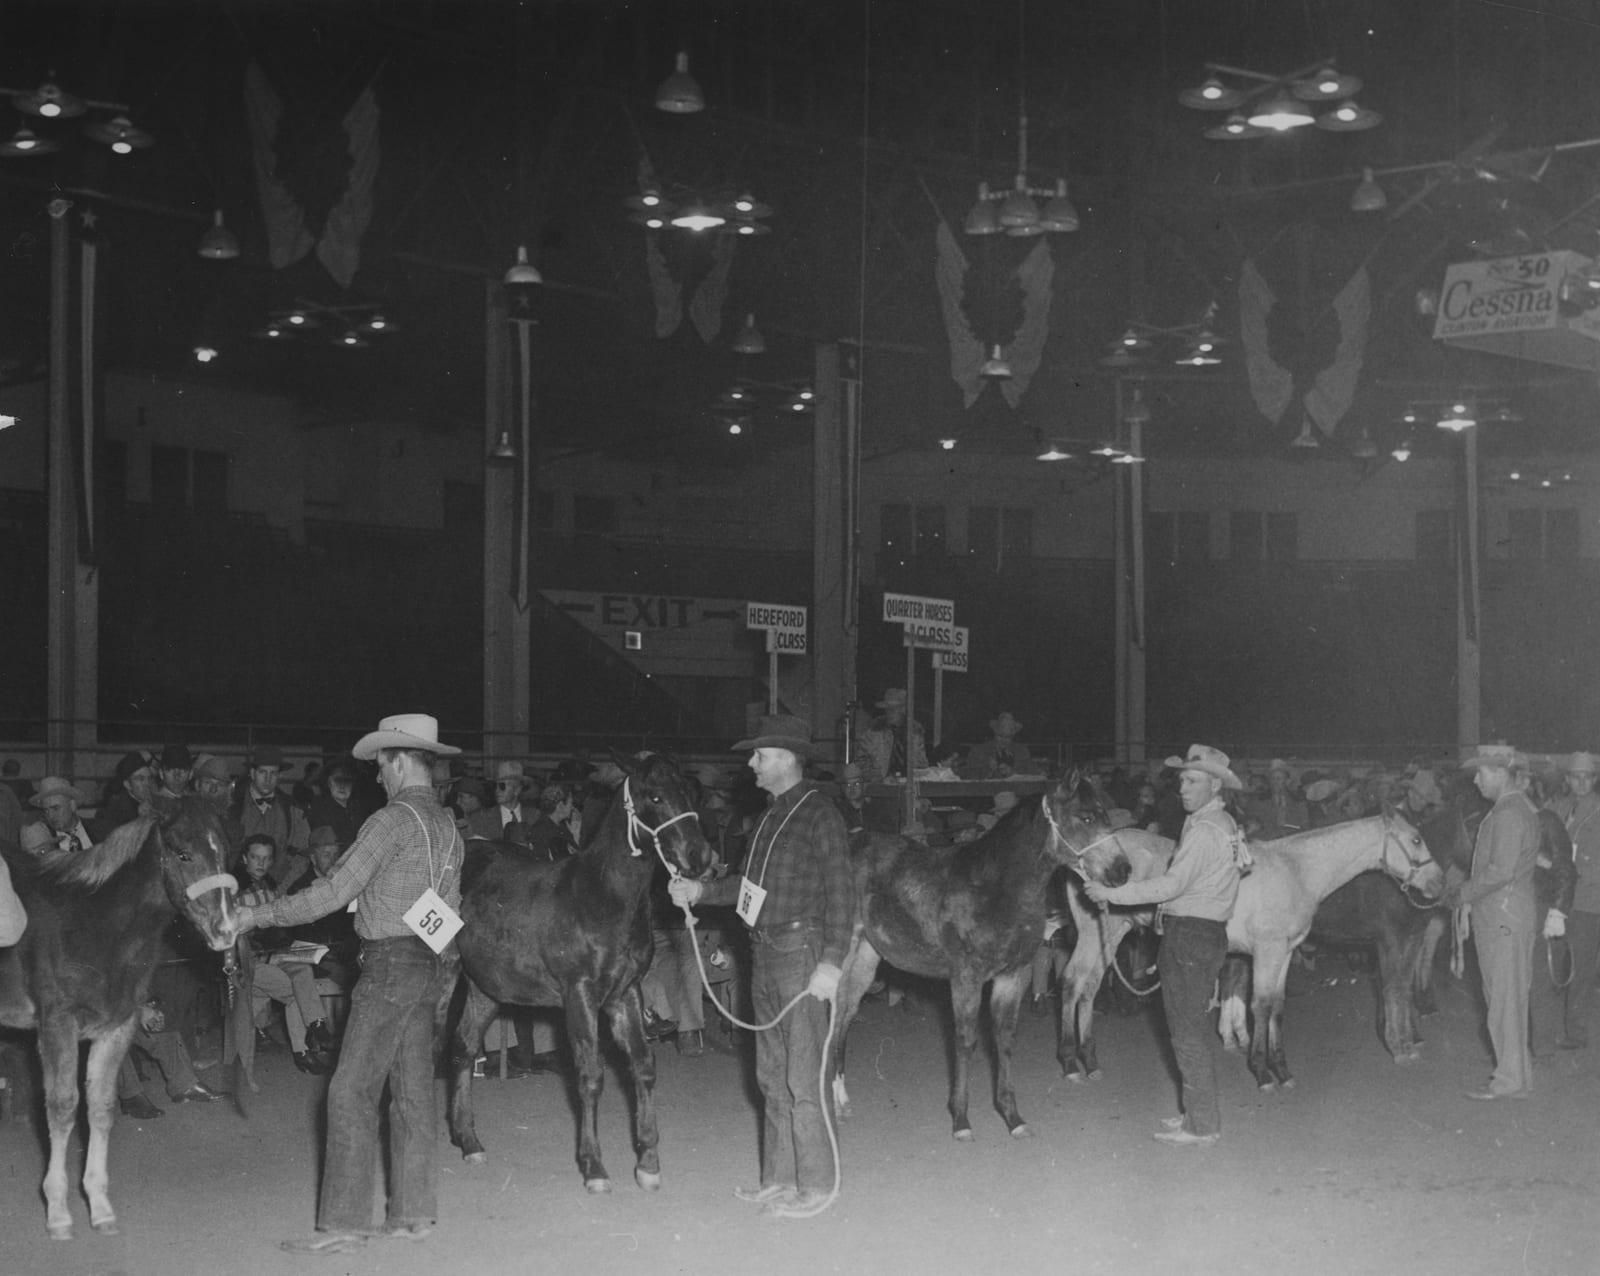 National Western Stock Show Quarter Horses Circa 1950